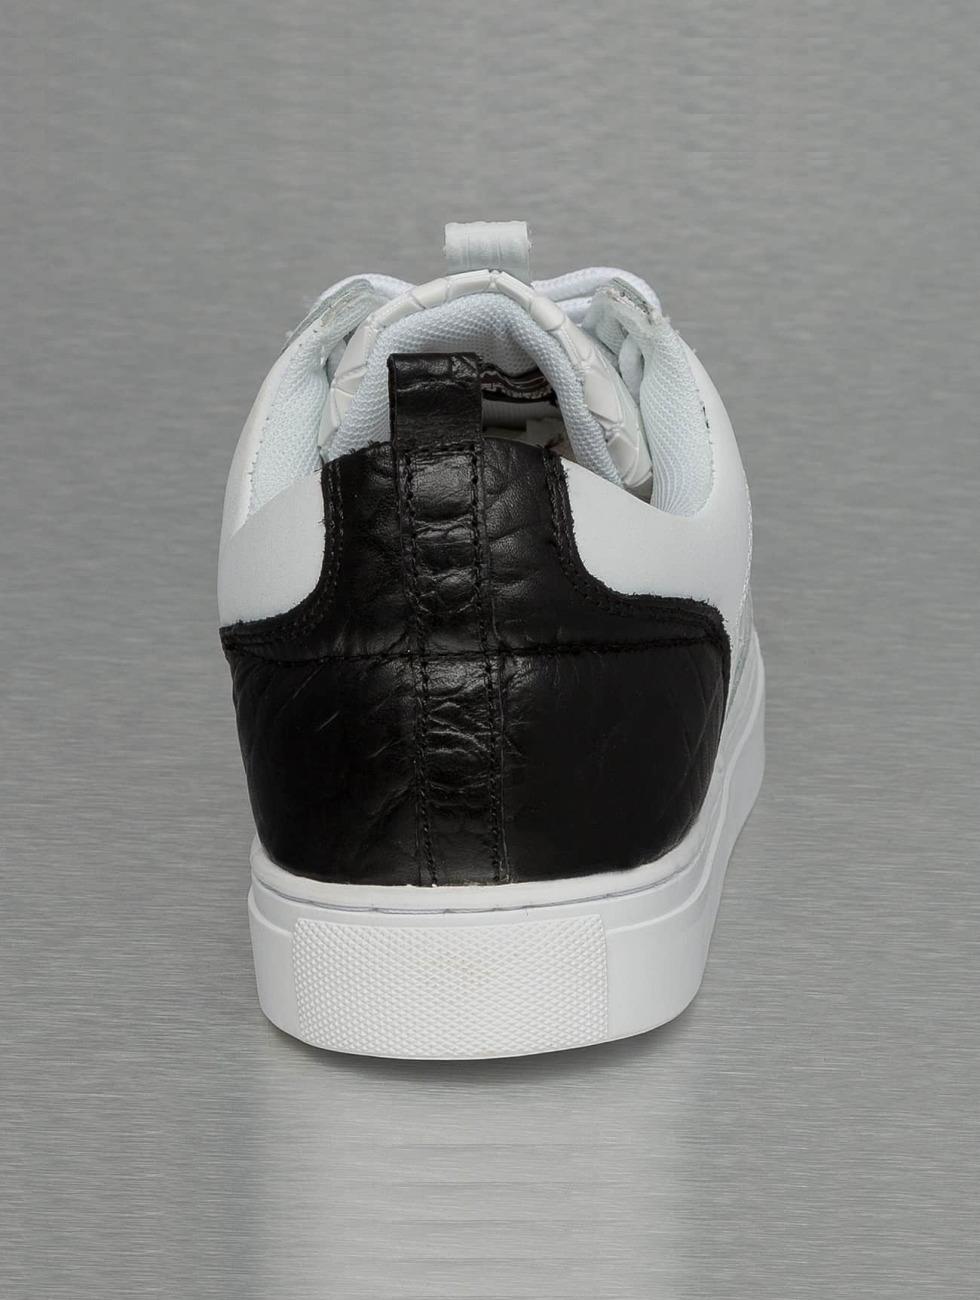 Djinns schoen / sneaker Forlow Rubber Croc in wit 301802 Lage Verzendkosten Goedkope Prijs Kies Een Best Outlet Prijzen Goedkope Koop Amazon po3IS